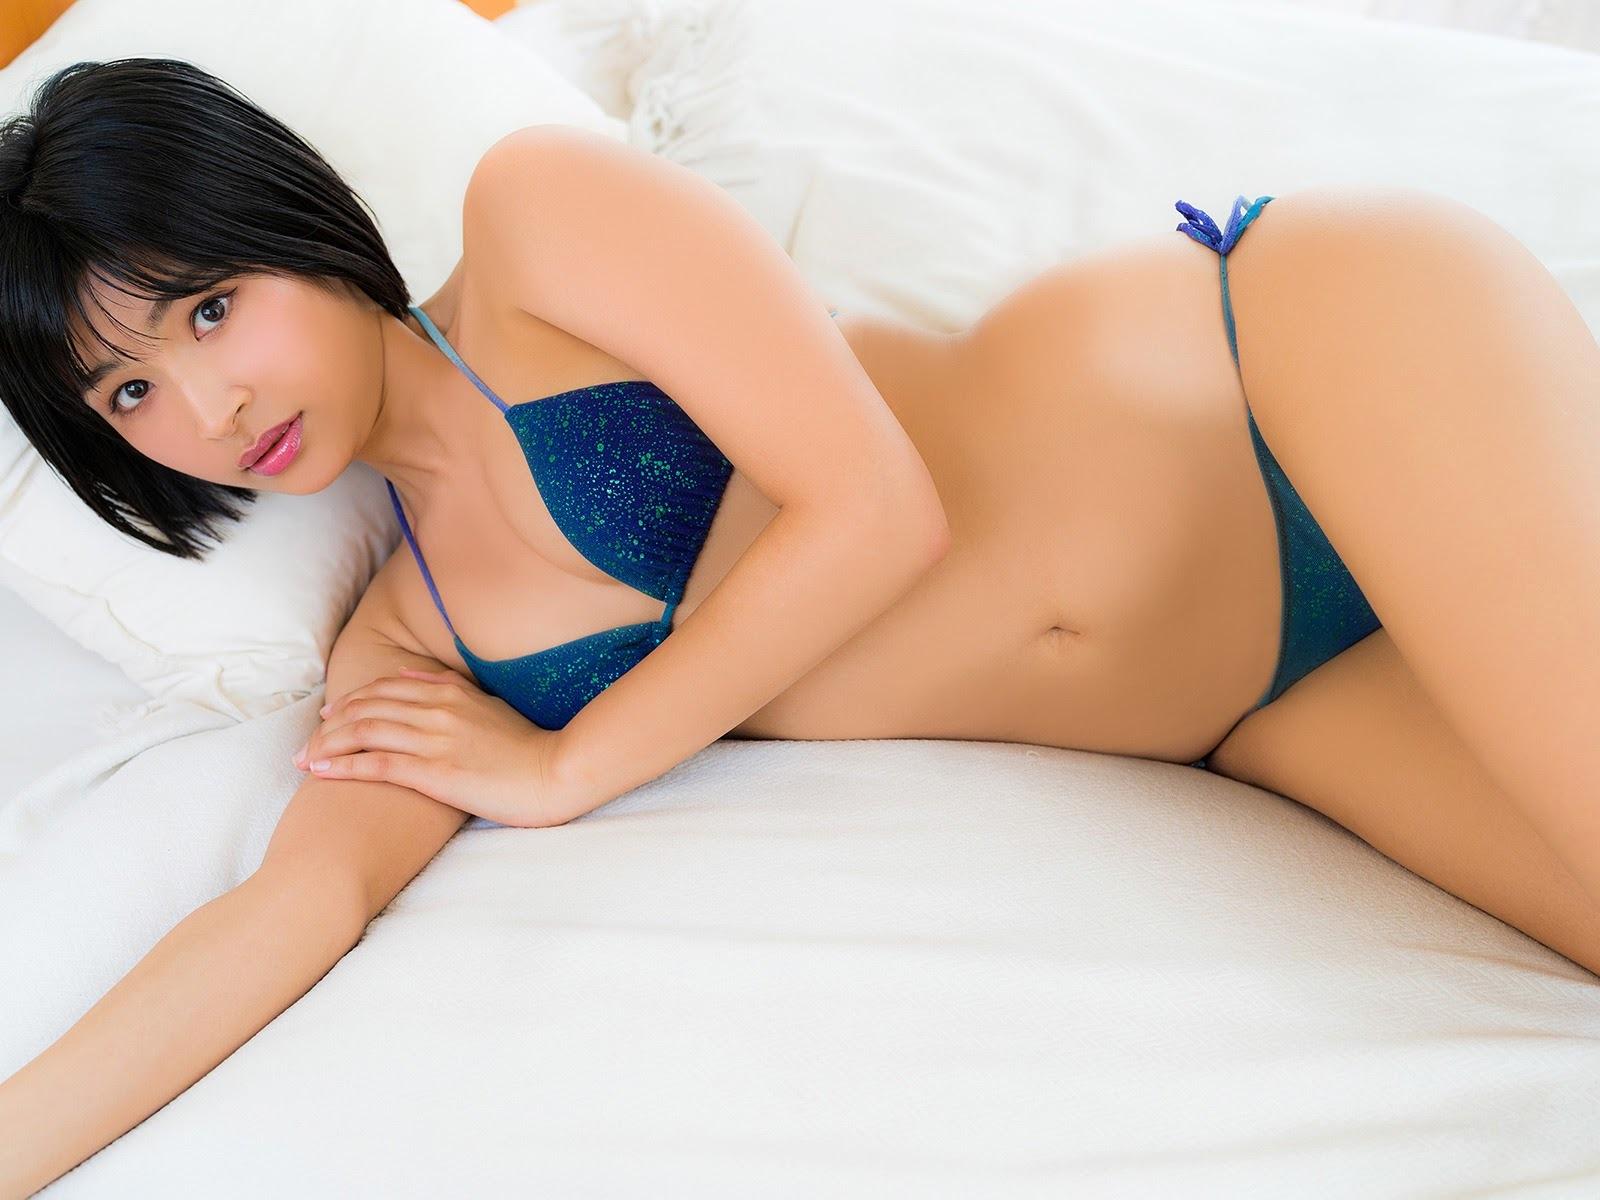 藤井マリー25